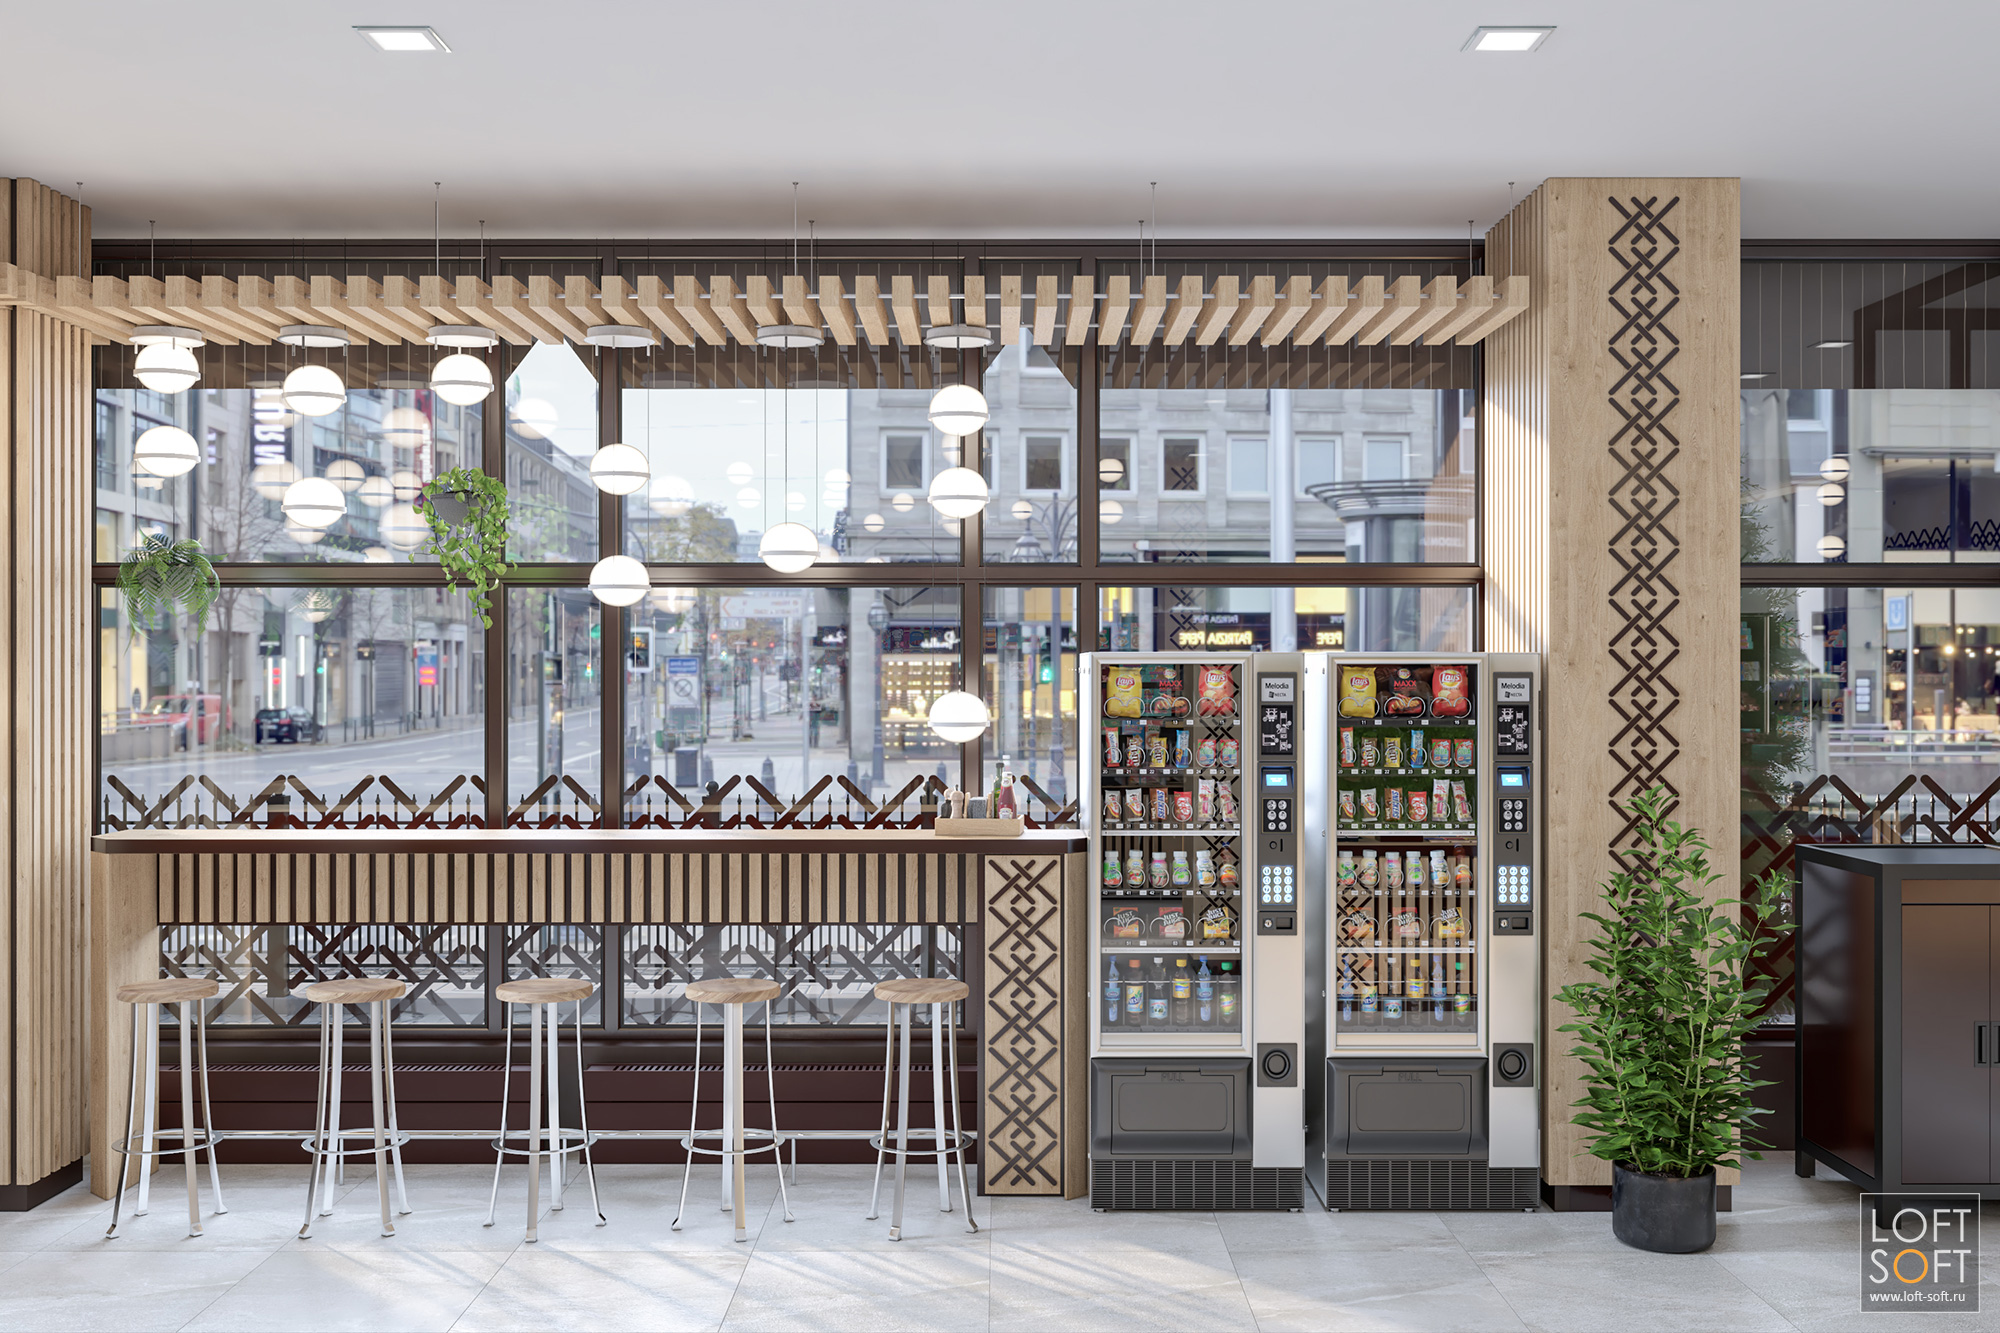 кафе вмагазине, барная стойка, современный кондитерский магазин